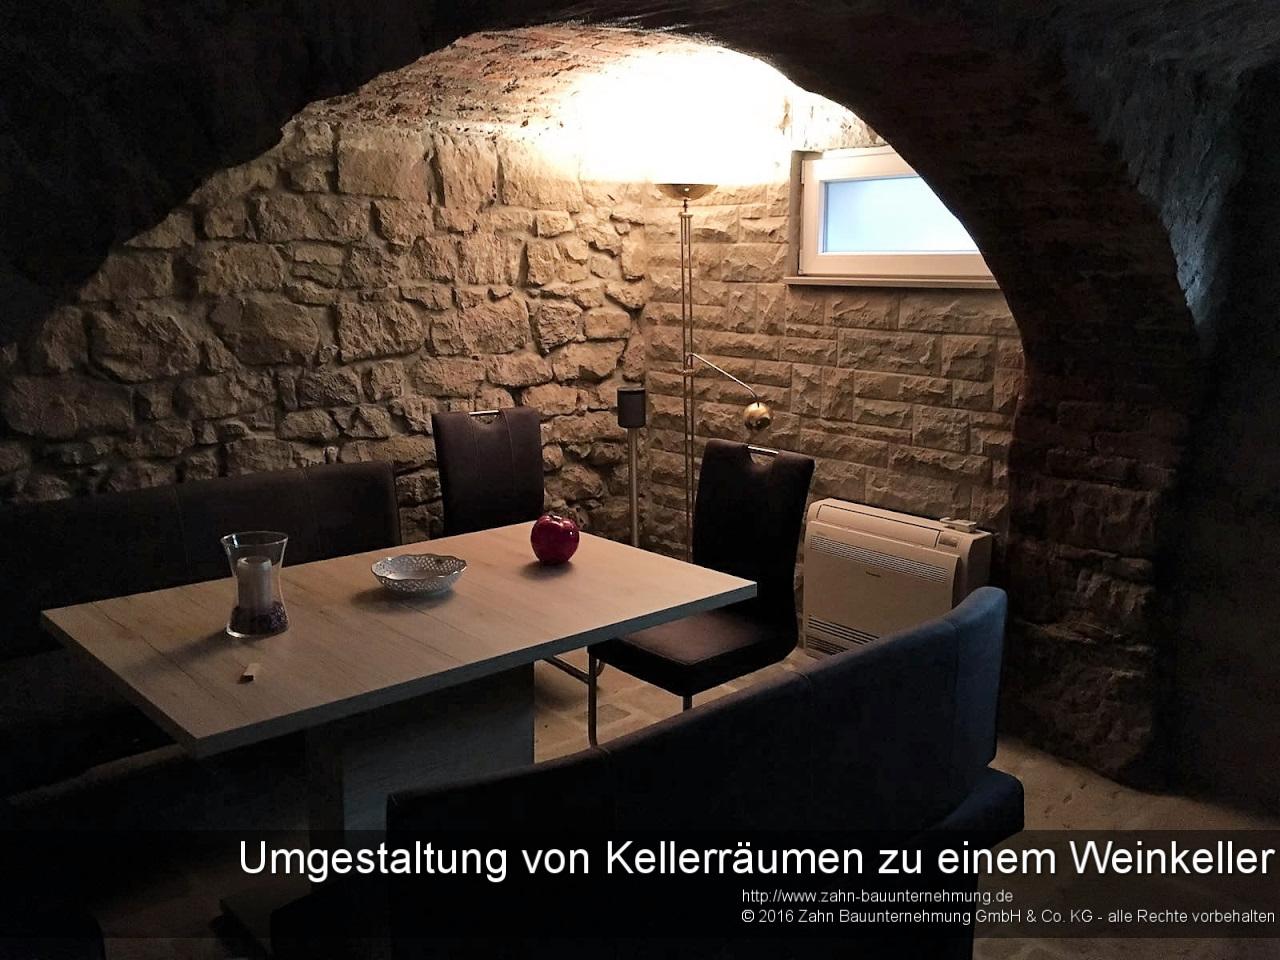 Umgestaltung von Kellerräumen zu einem Weinkeller und angeschlossenem Gästebereich in besonderem Ambiente